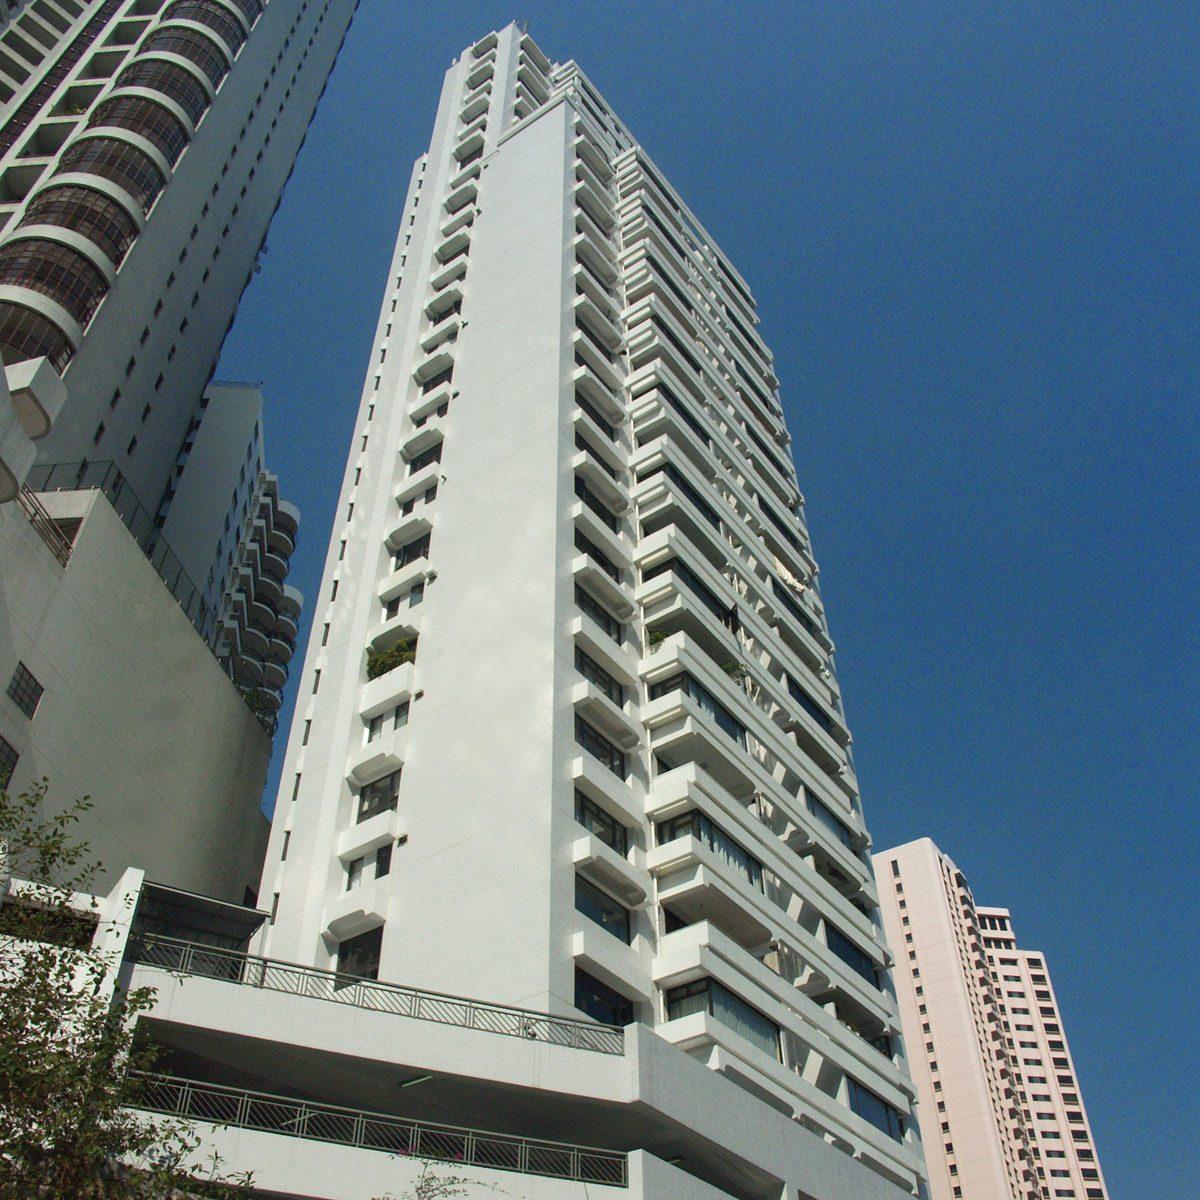 Villa Elegance, Renovation Works at 1 Robinson Road, Hong Kong